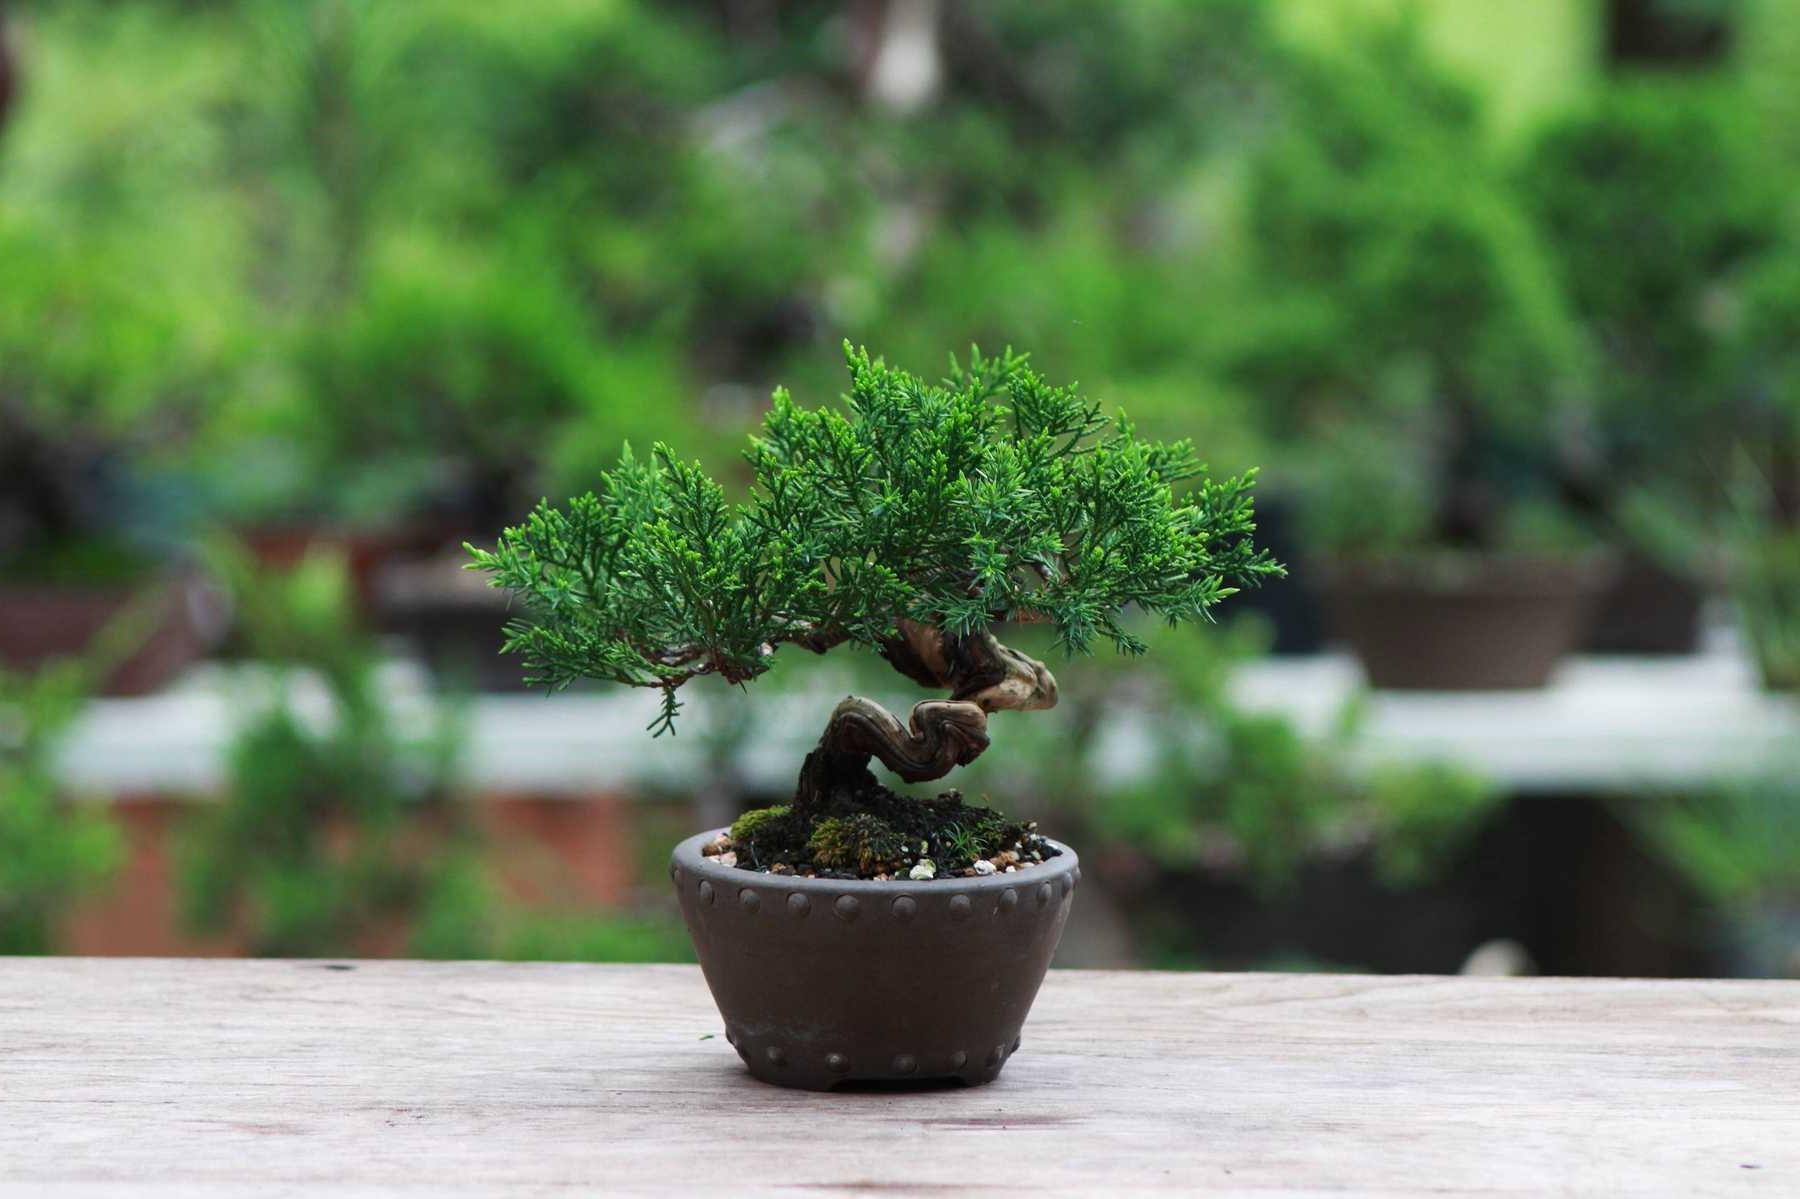 Choisissez donc judicieusement lors de l'achat de ce type d'arbre pour votre maison.